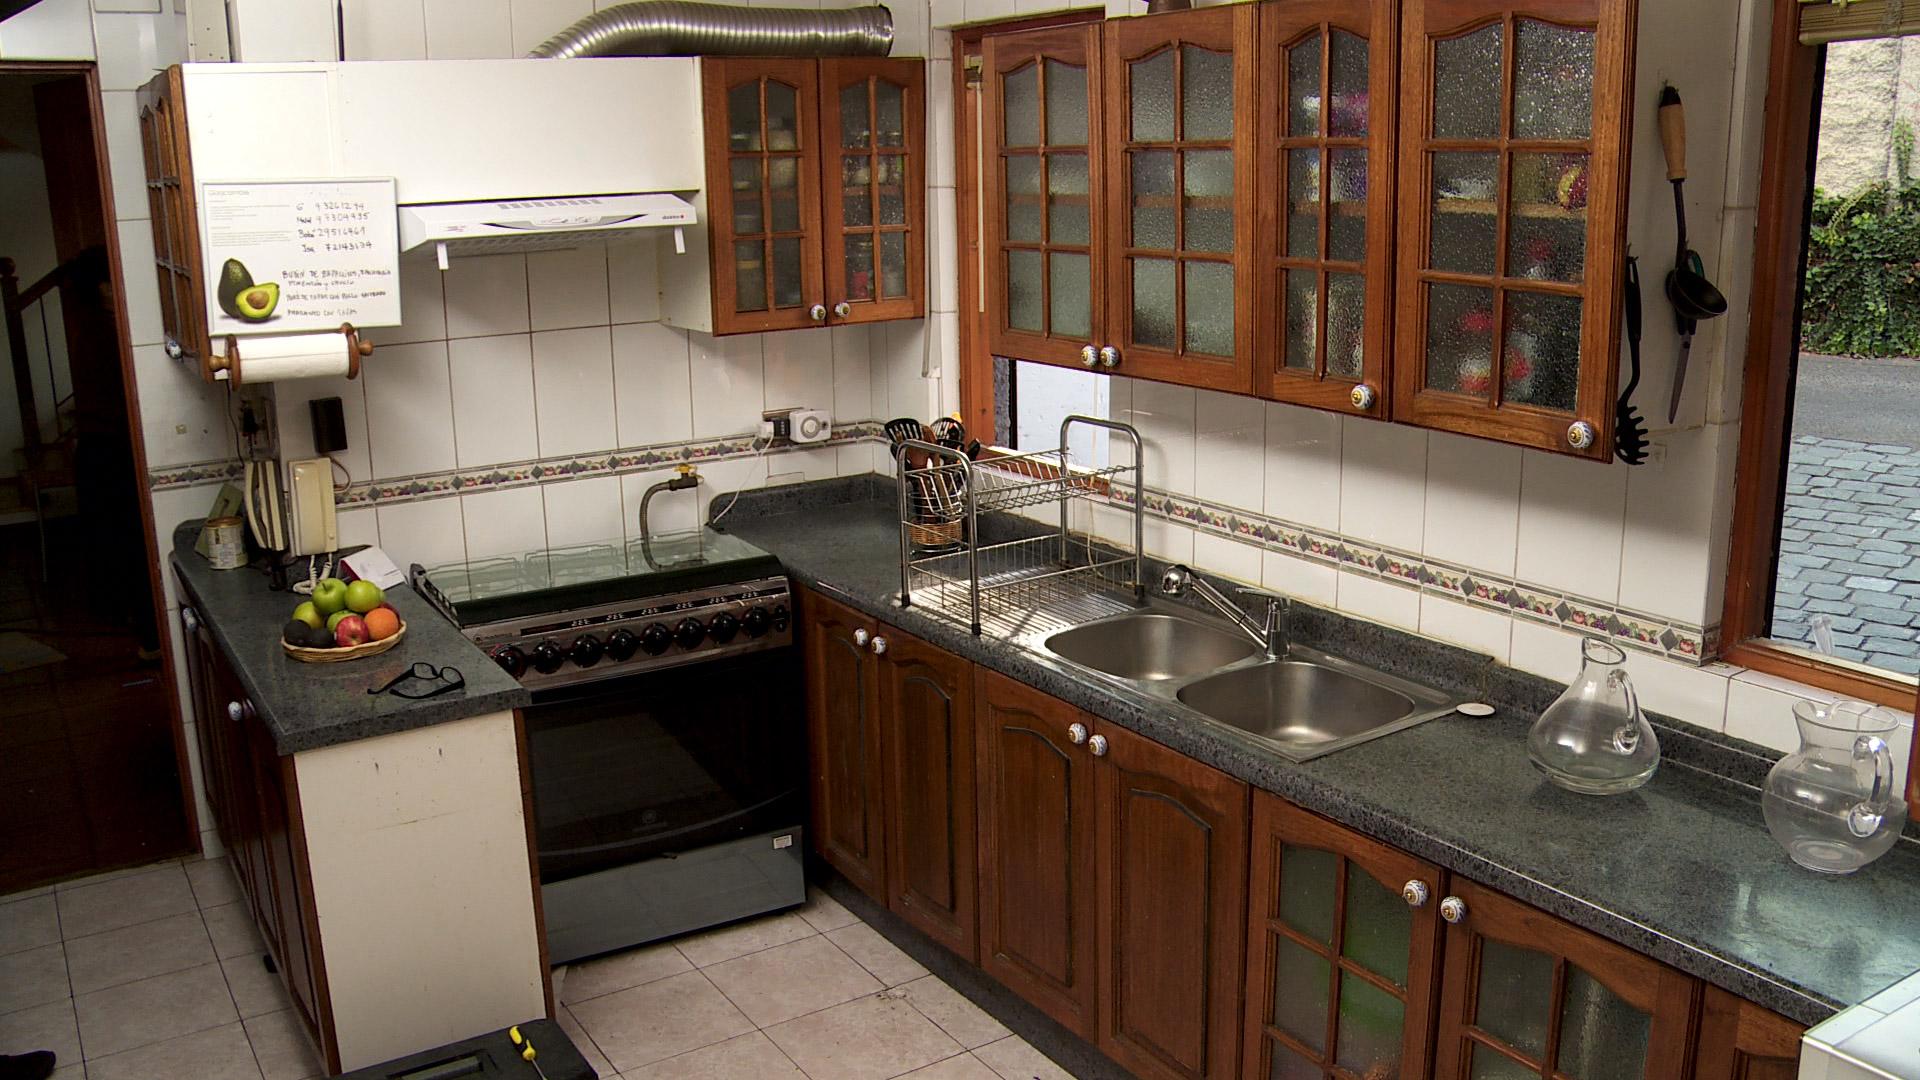 H galo usted mismo c mo planificar y amoblar una cocina - Planificar una cocina ...